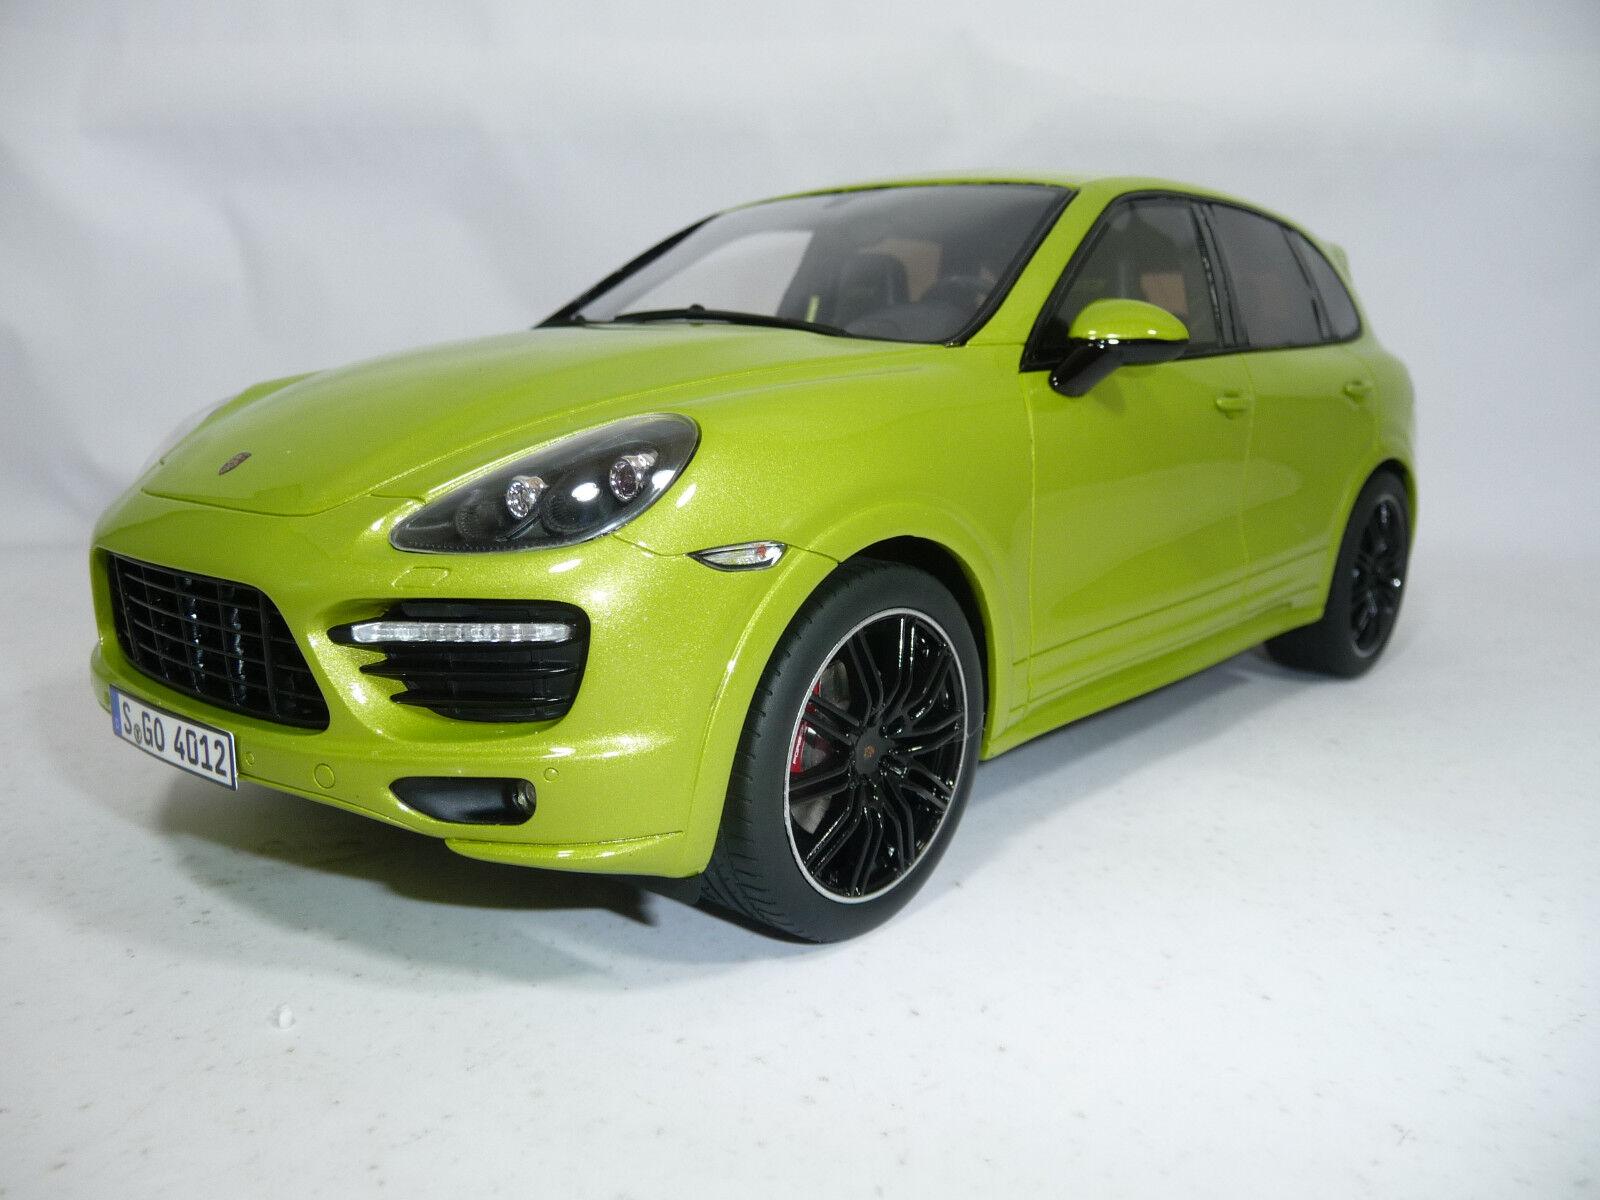 Porsche Cayenne GTS Light vert 1 18 GT-SPIRIT gt020a very rare lim.1500pcs